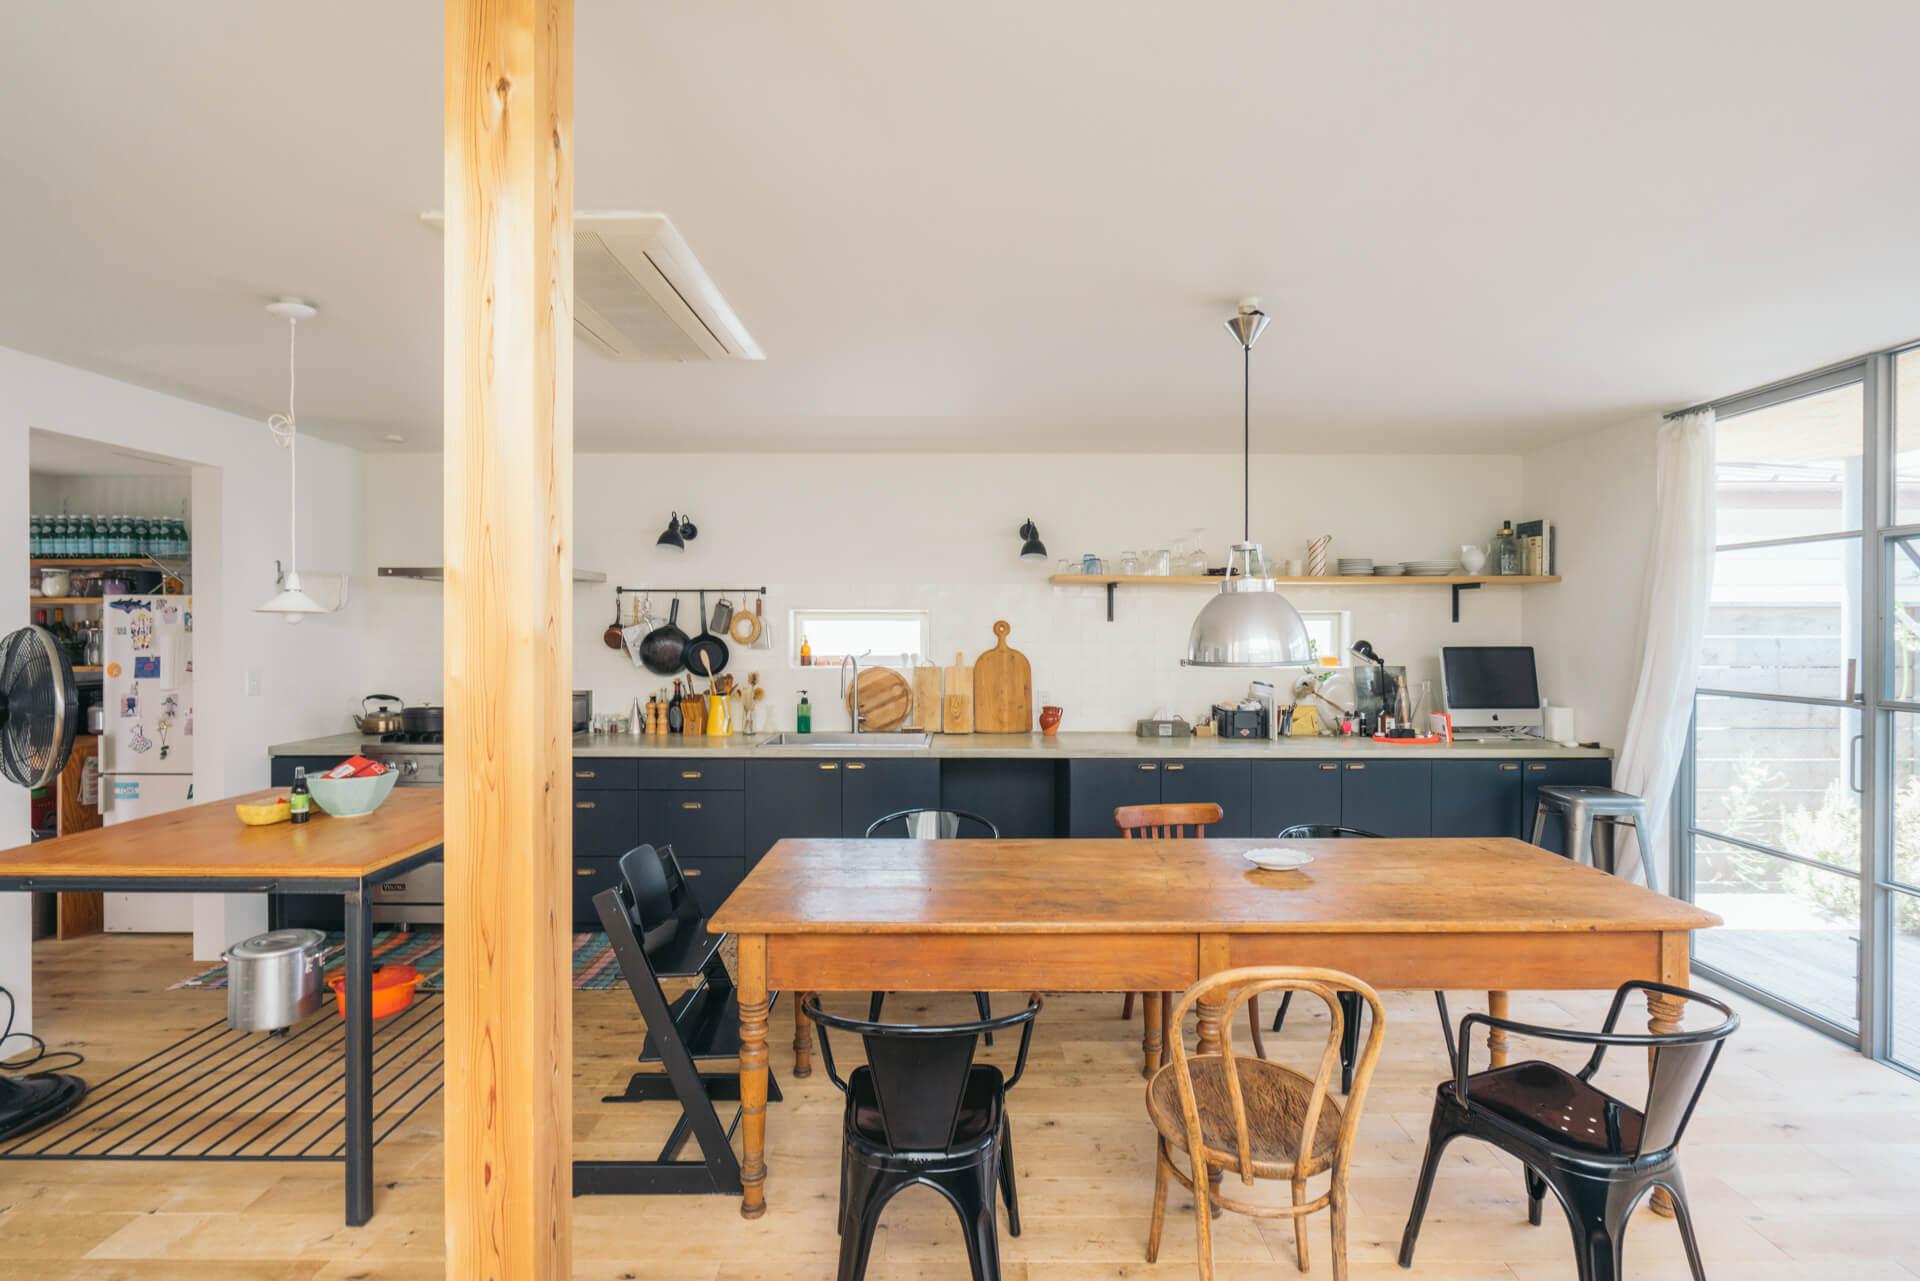 「絶対インパクトのあるものにしたかった」というキッチンは、リビング反対側の壁一面を贅沢に作業台に。大迫力です。